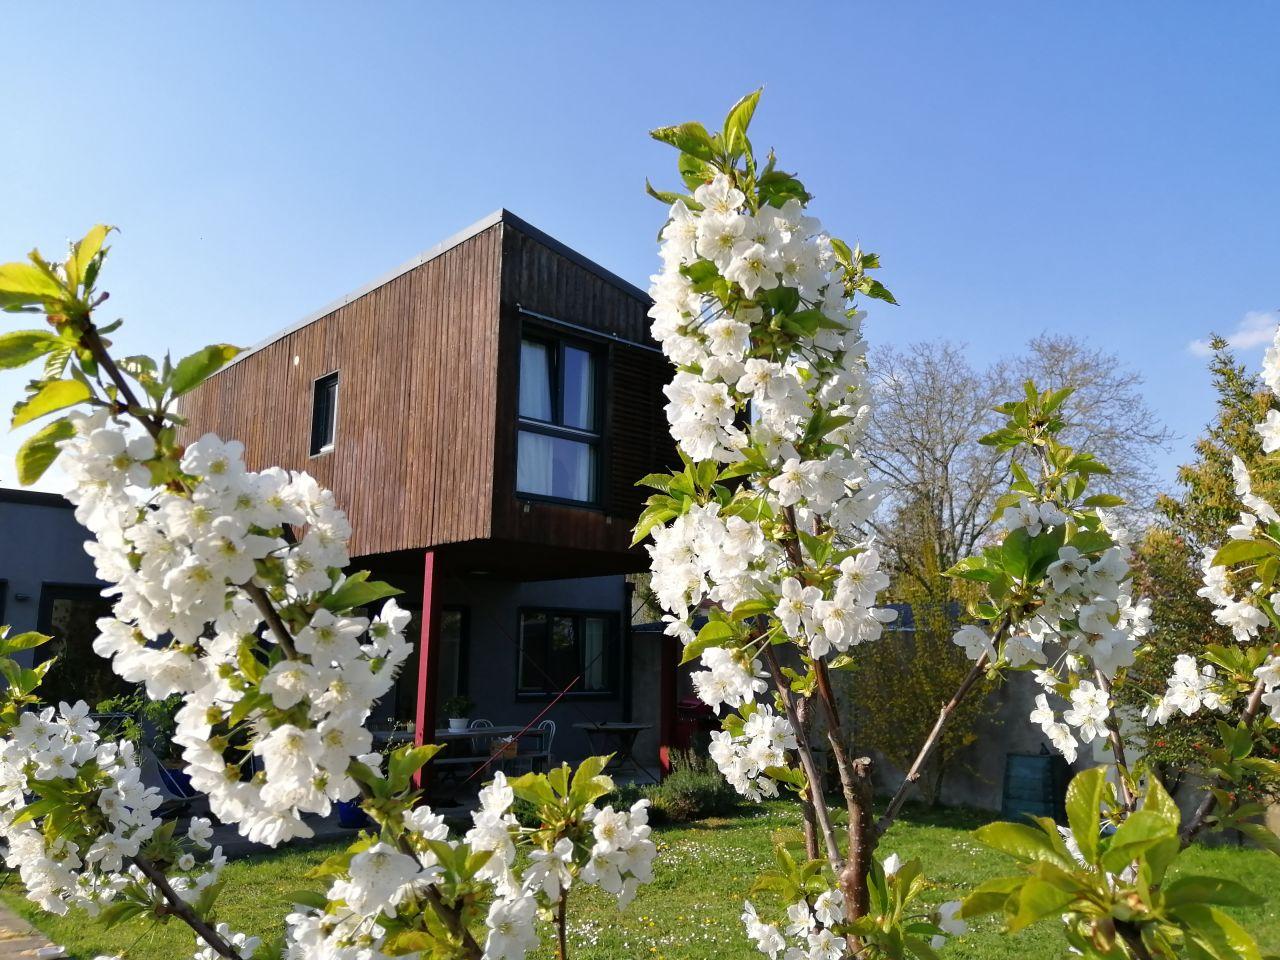 Vue du cerisier en fleurs